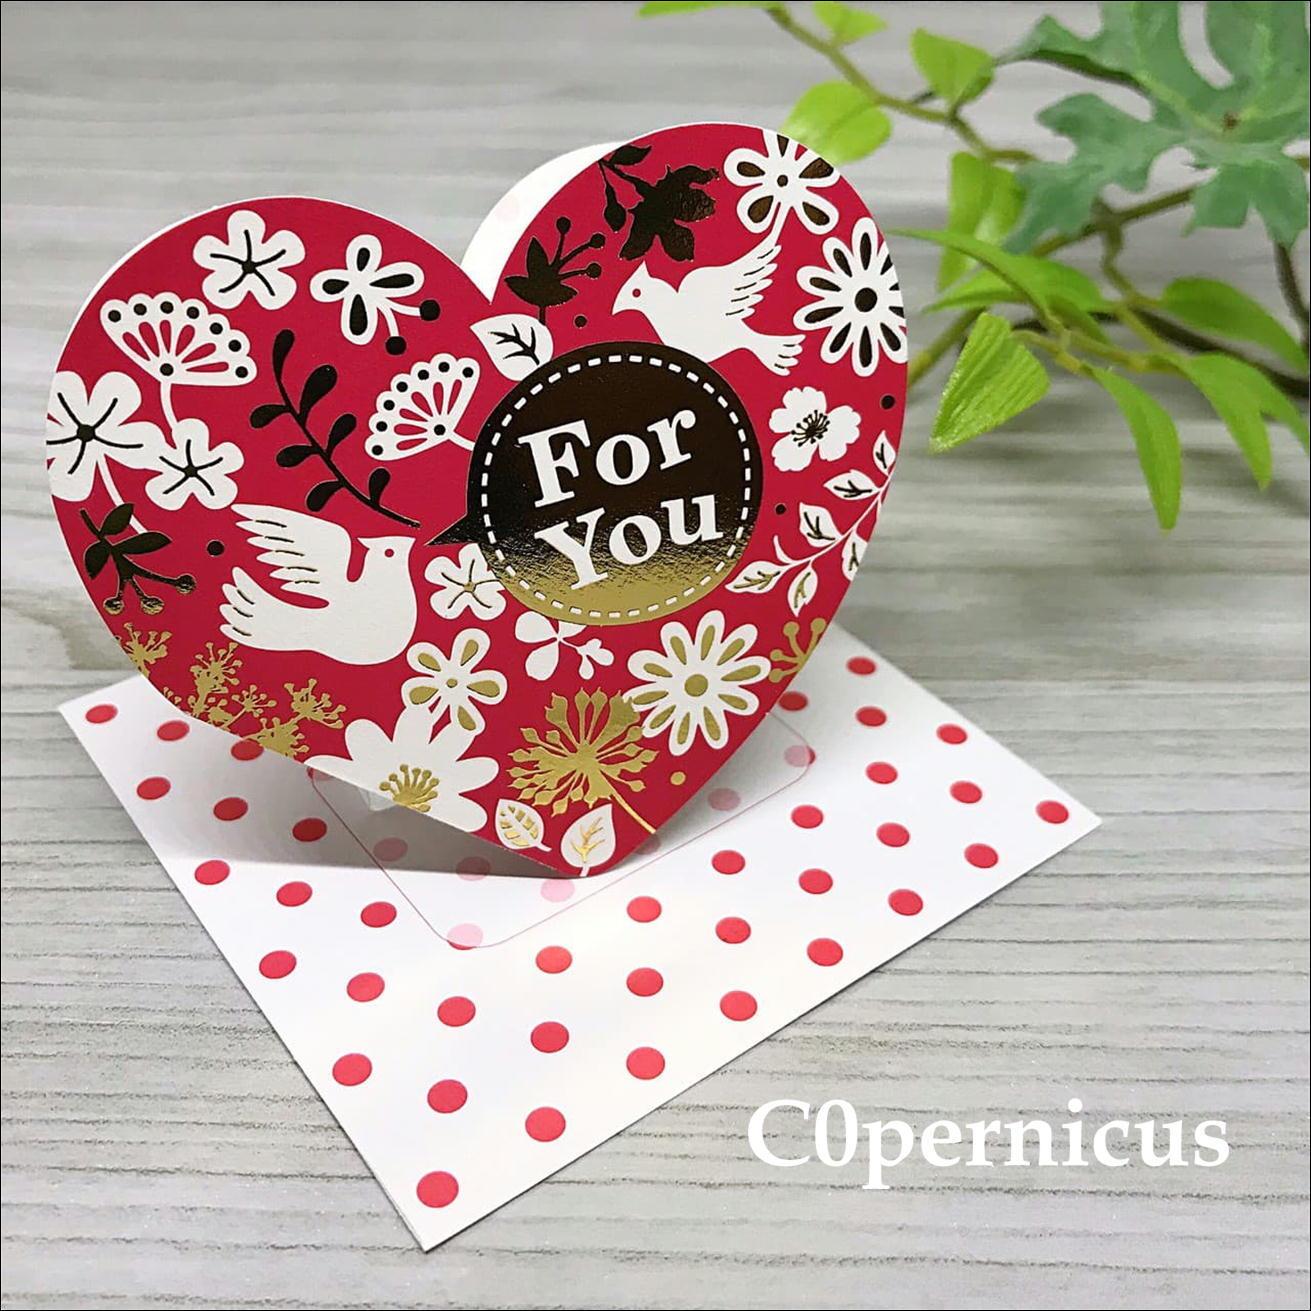 メッセージカード 0315-4 浜松雑貨屋 C0pernicus  便箋・封筒レターセット